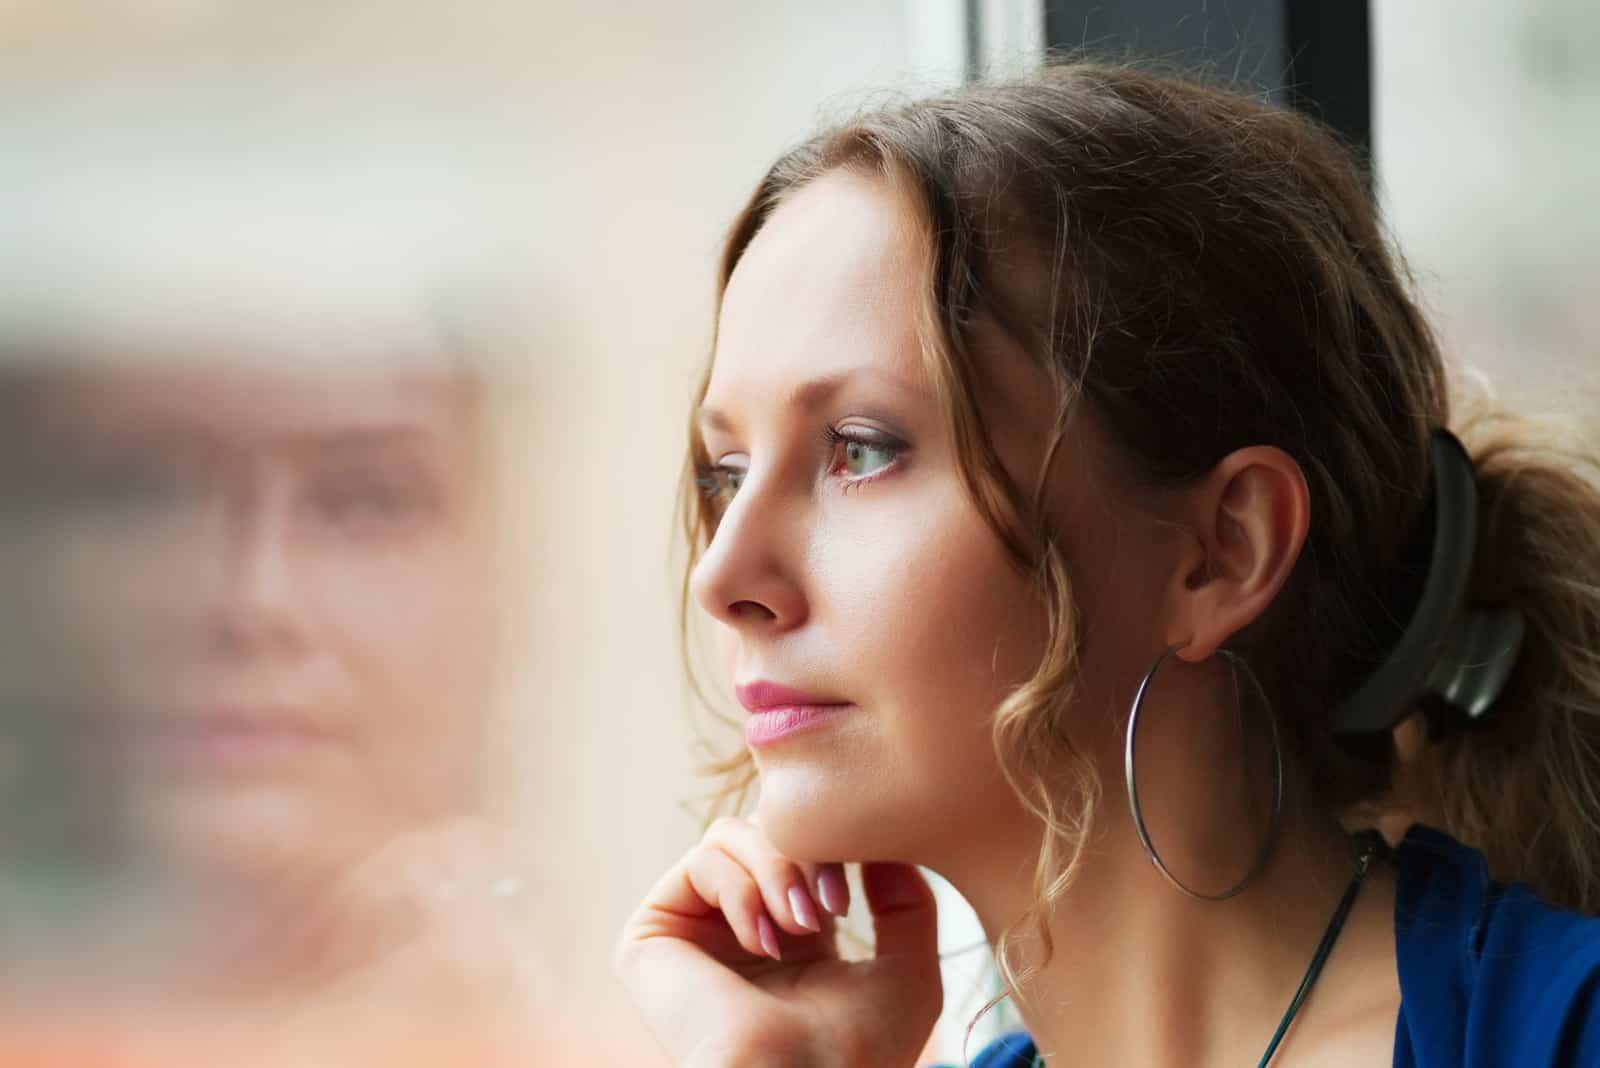 belle femme regardant à travers une fenêtre